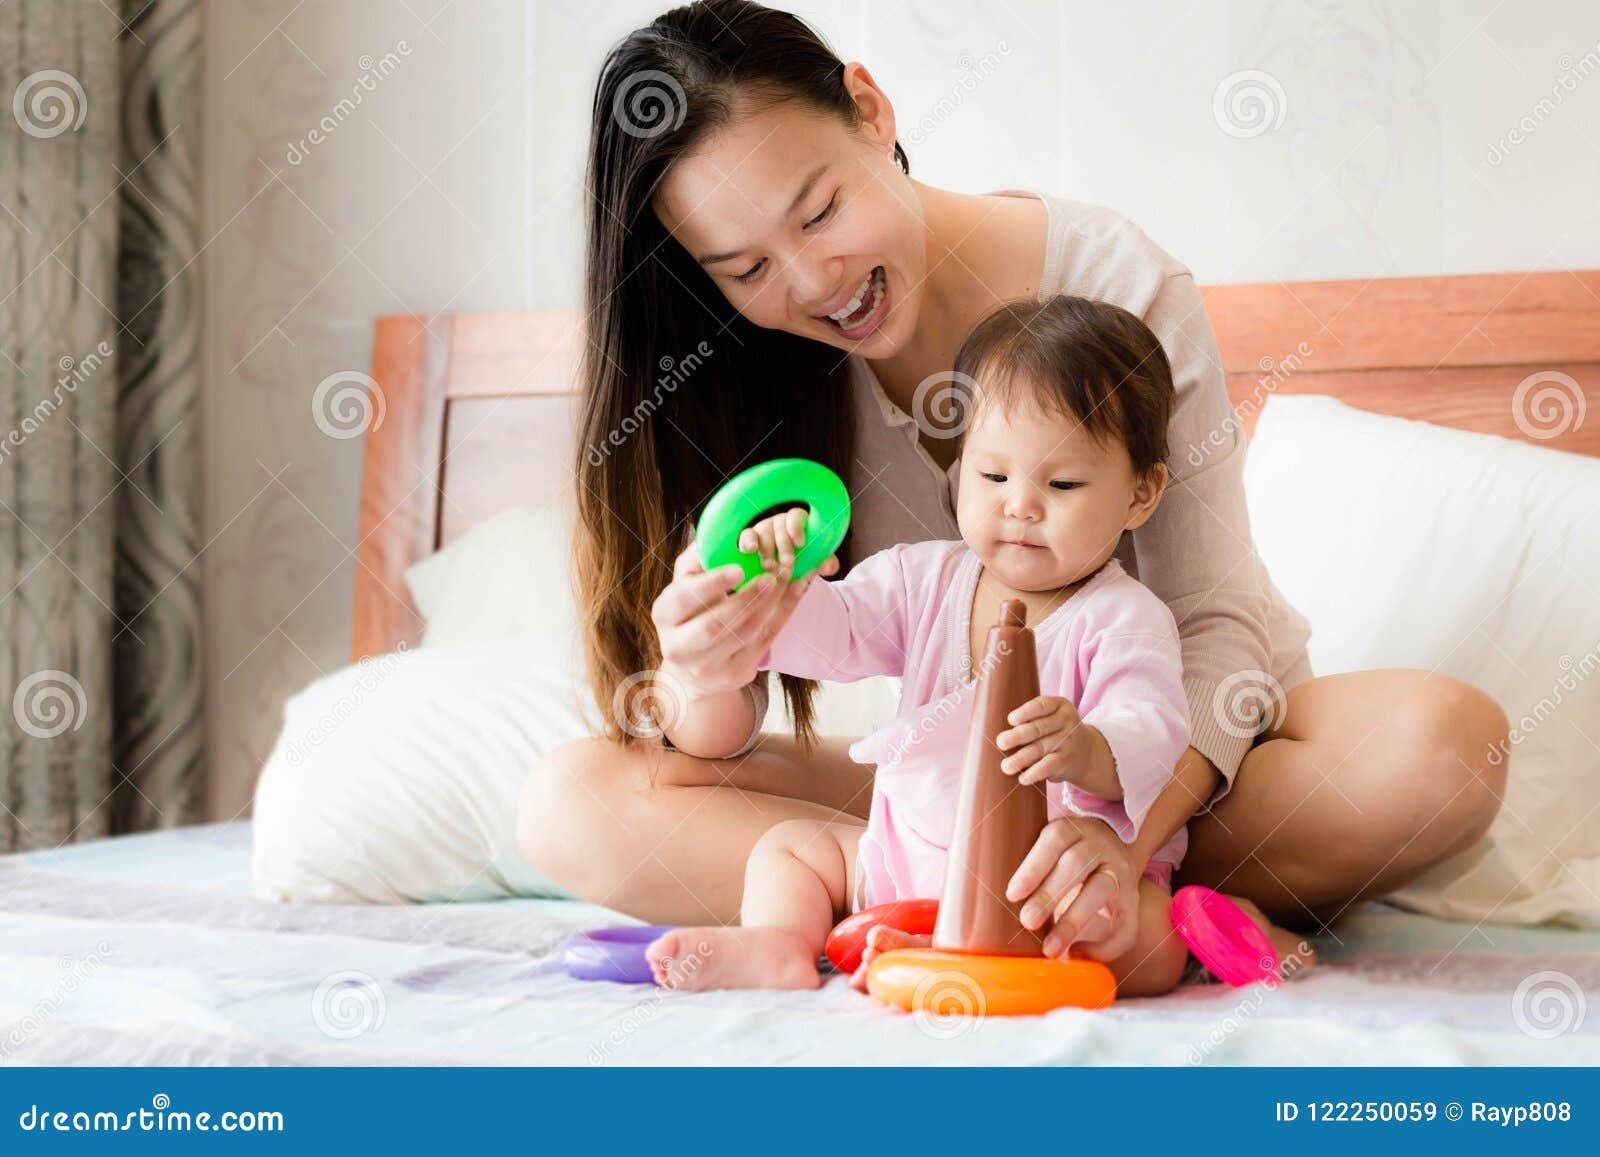 使用塑料箍玩具,愉快的母亲教两岁的女儿协调技能